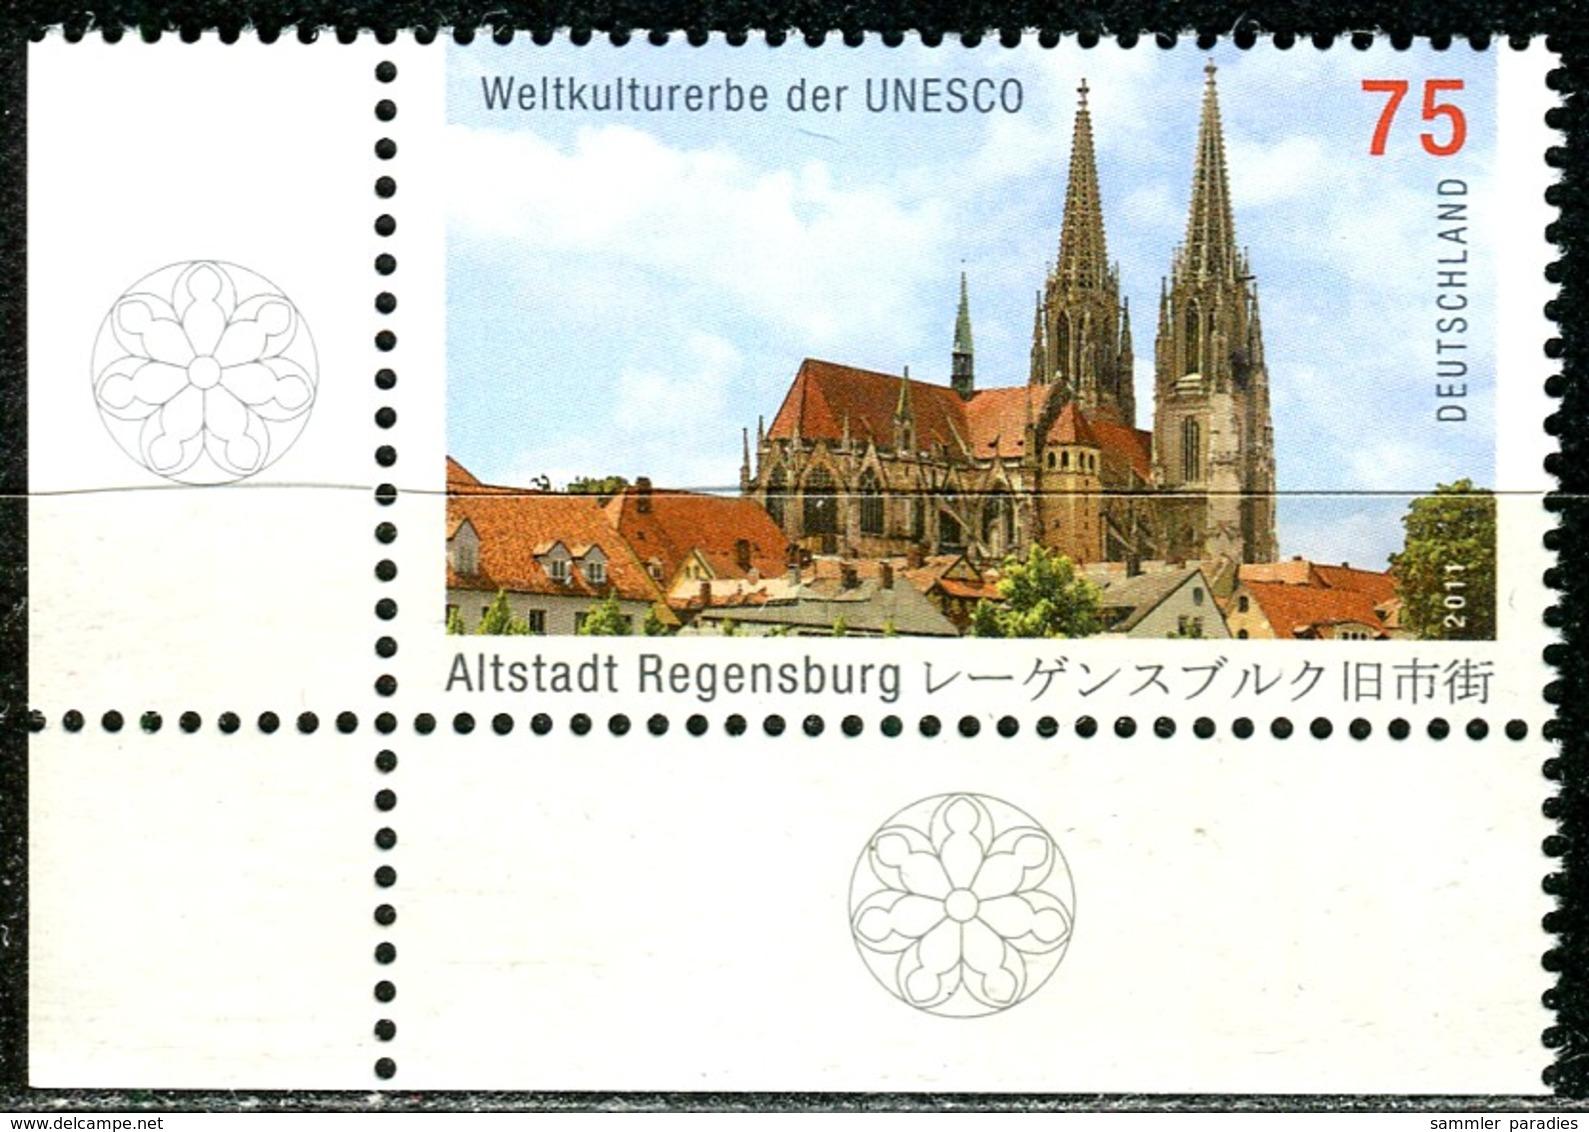 BRD - Michel 2845 ECKE LIU - ** Postfrisch (A) - 75C  UNESCO Weltkulturerbe Regensburg Altstadt - Unused Stamps